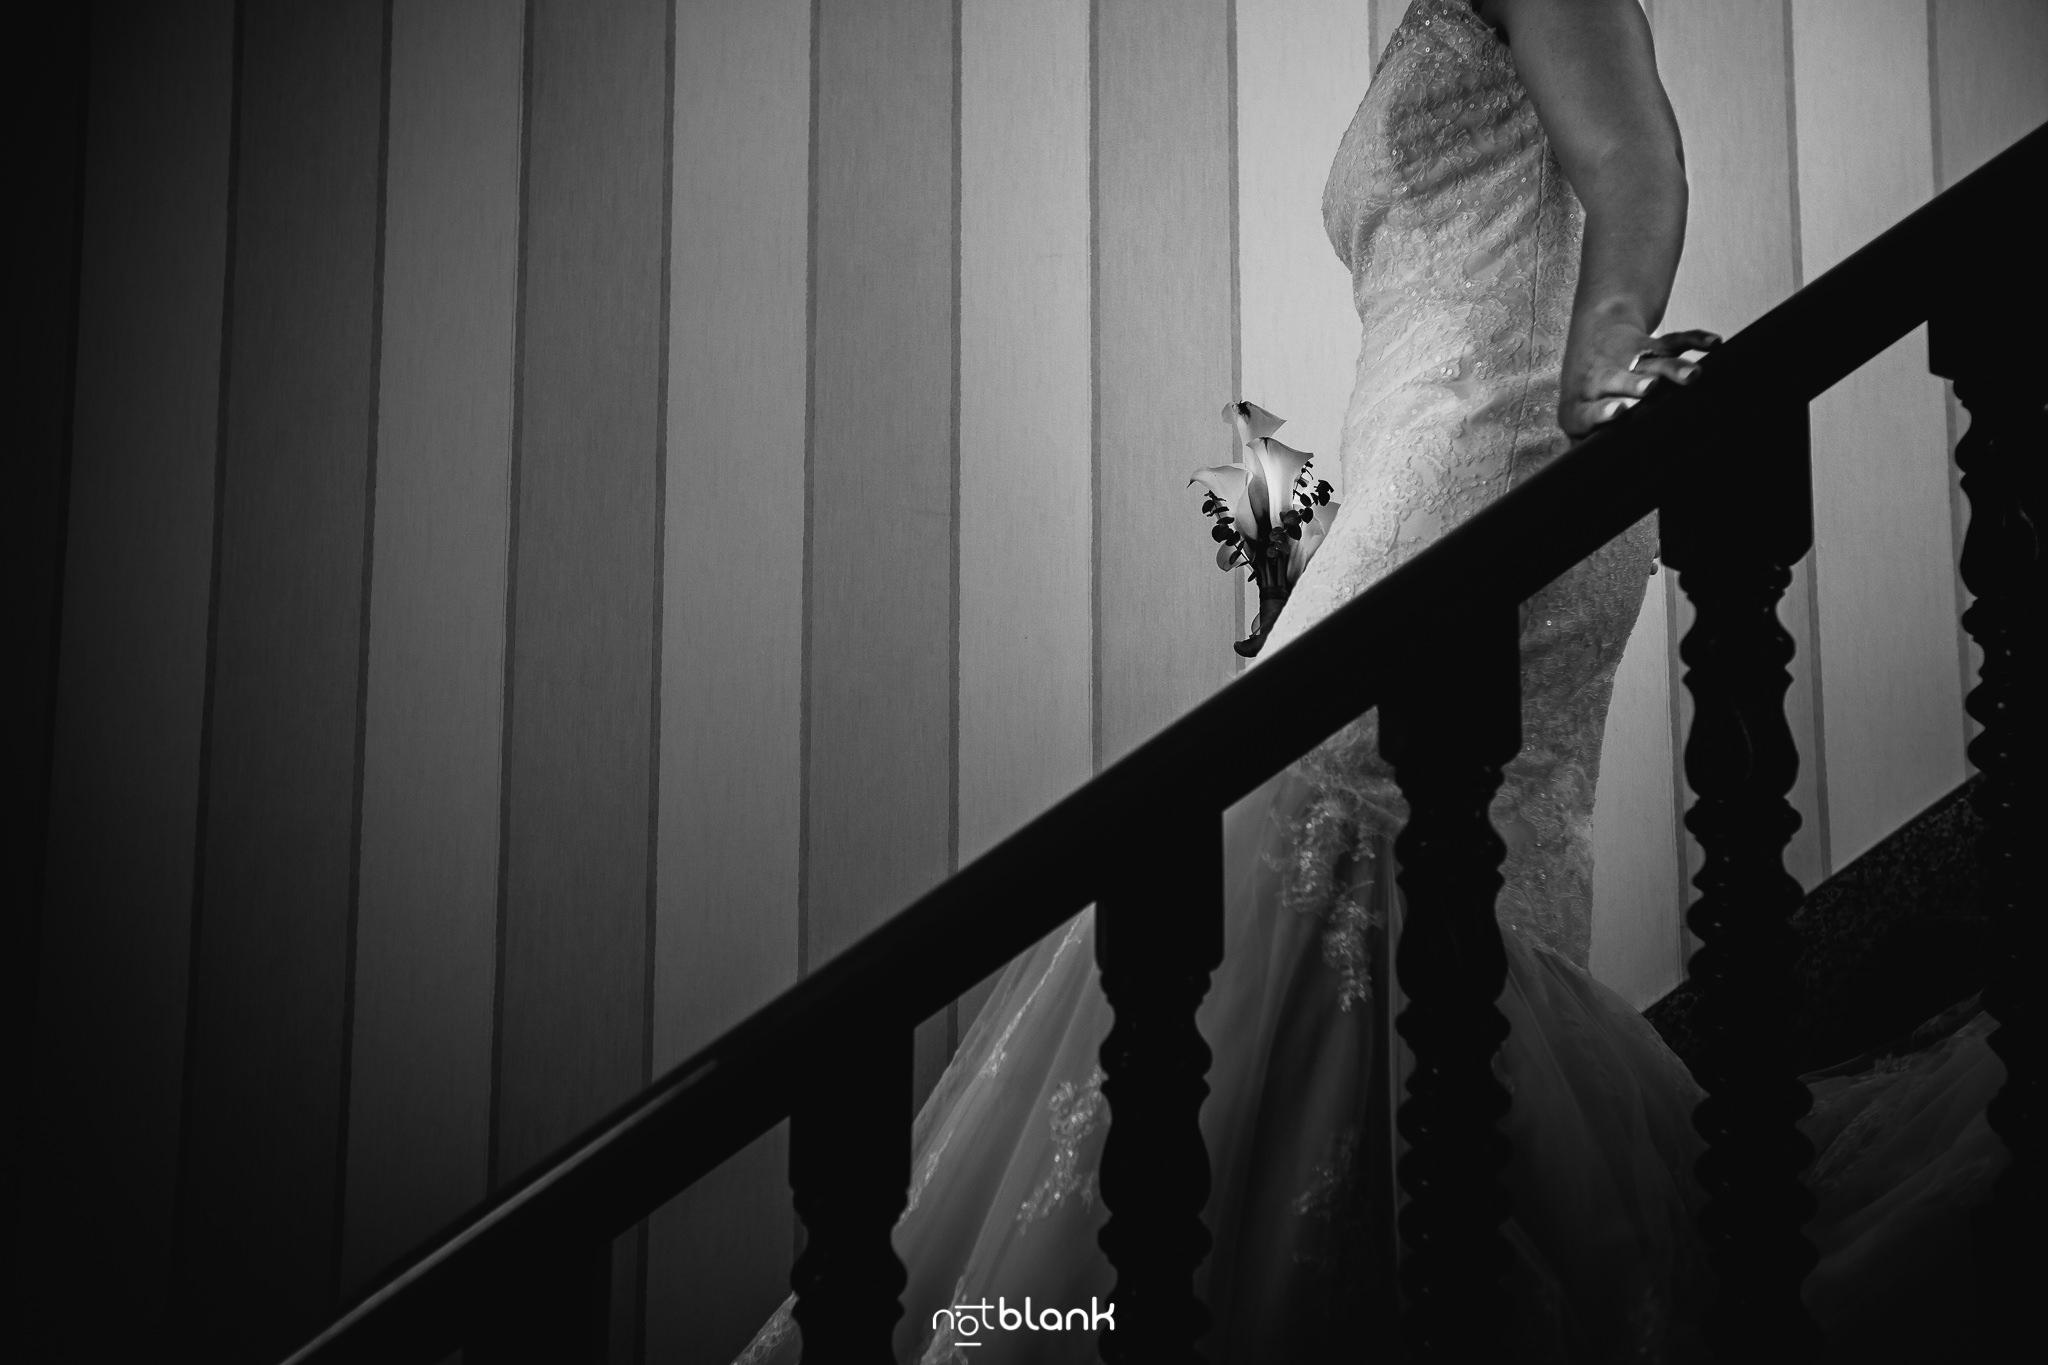 Boda-Maite-David-Novia-Bajando-Escaleras. Reportaje realizado por Notblank fotógrafos de boda